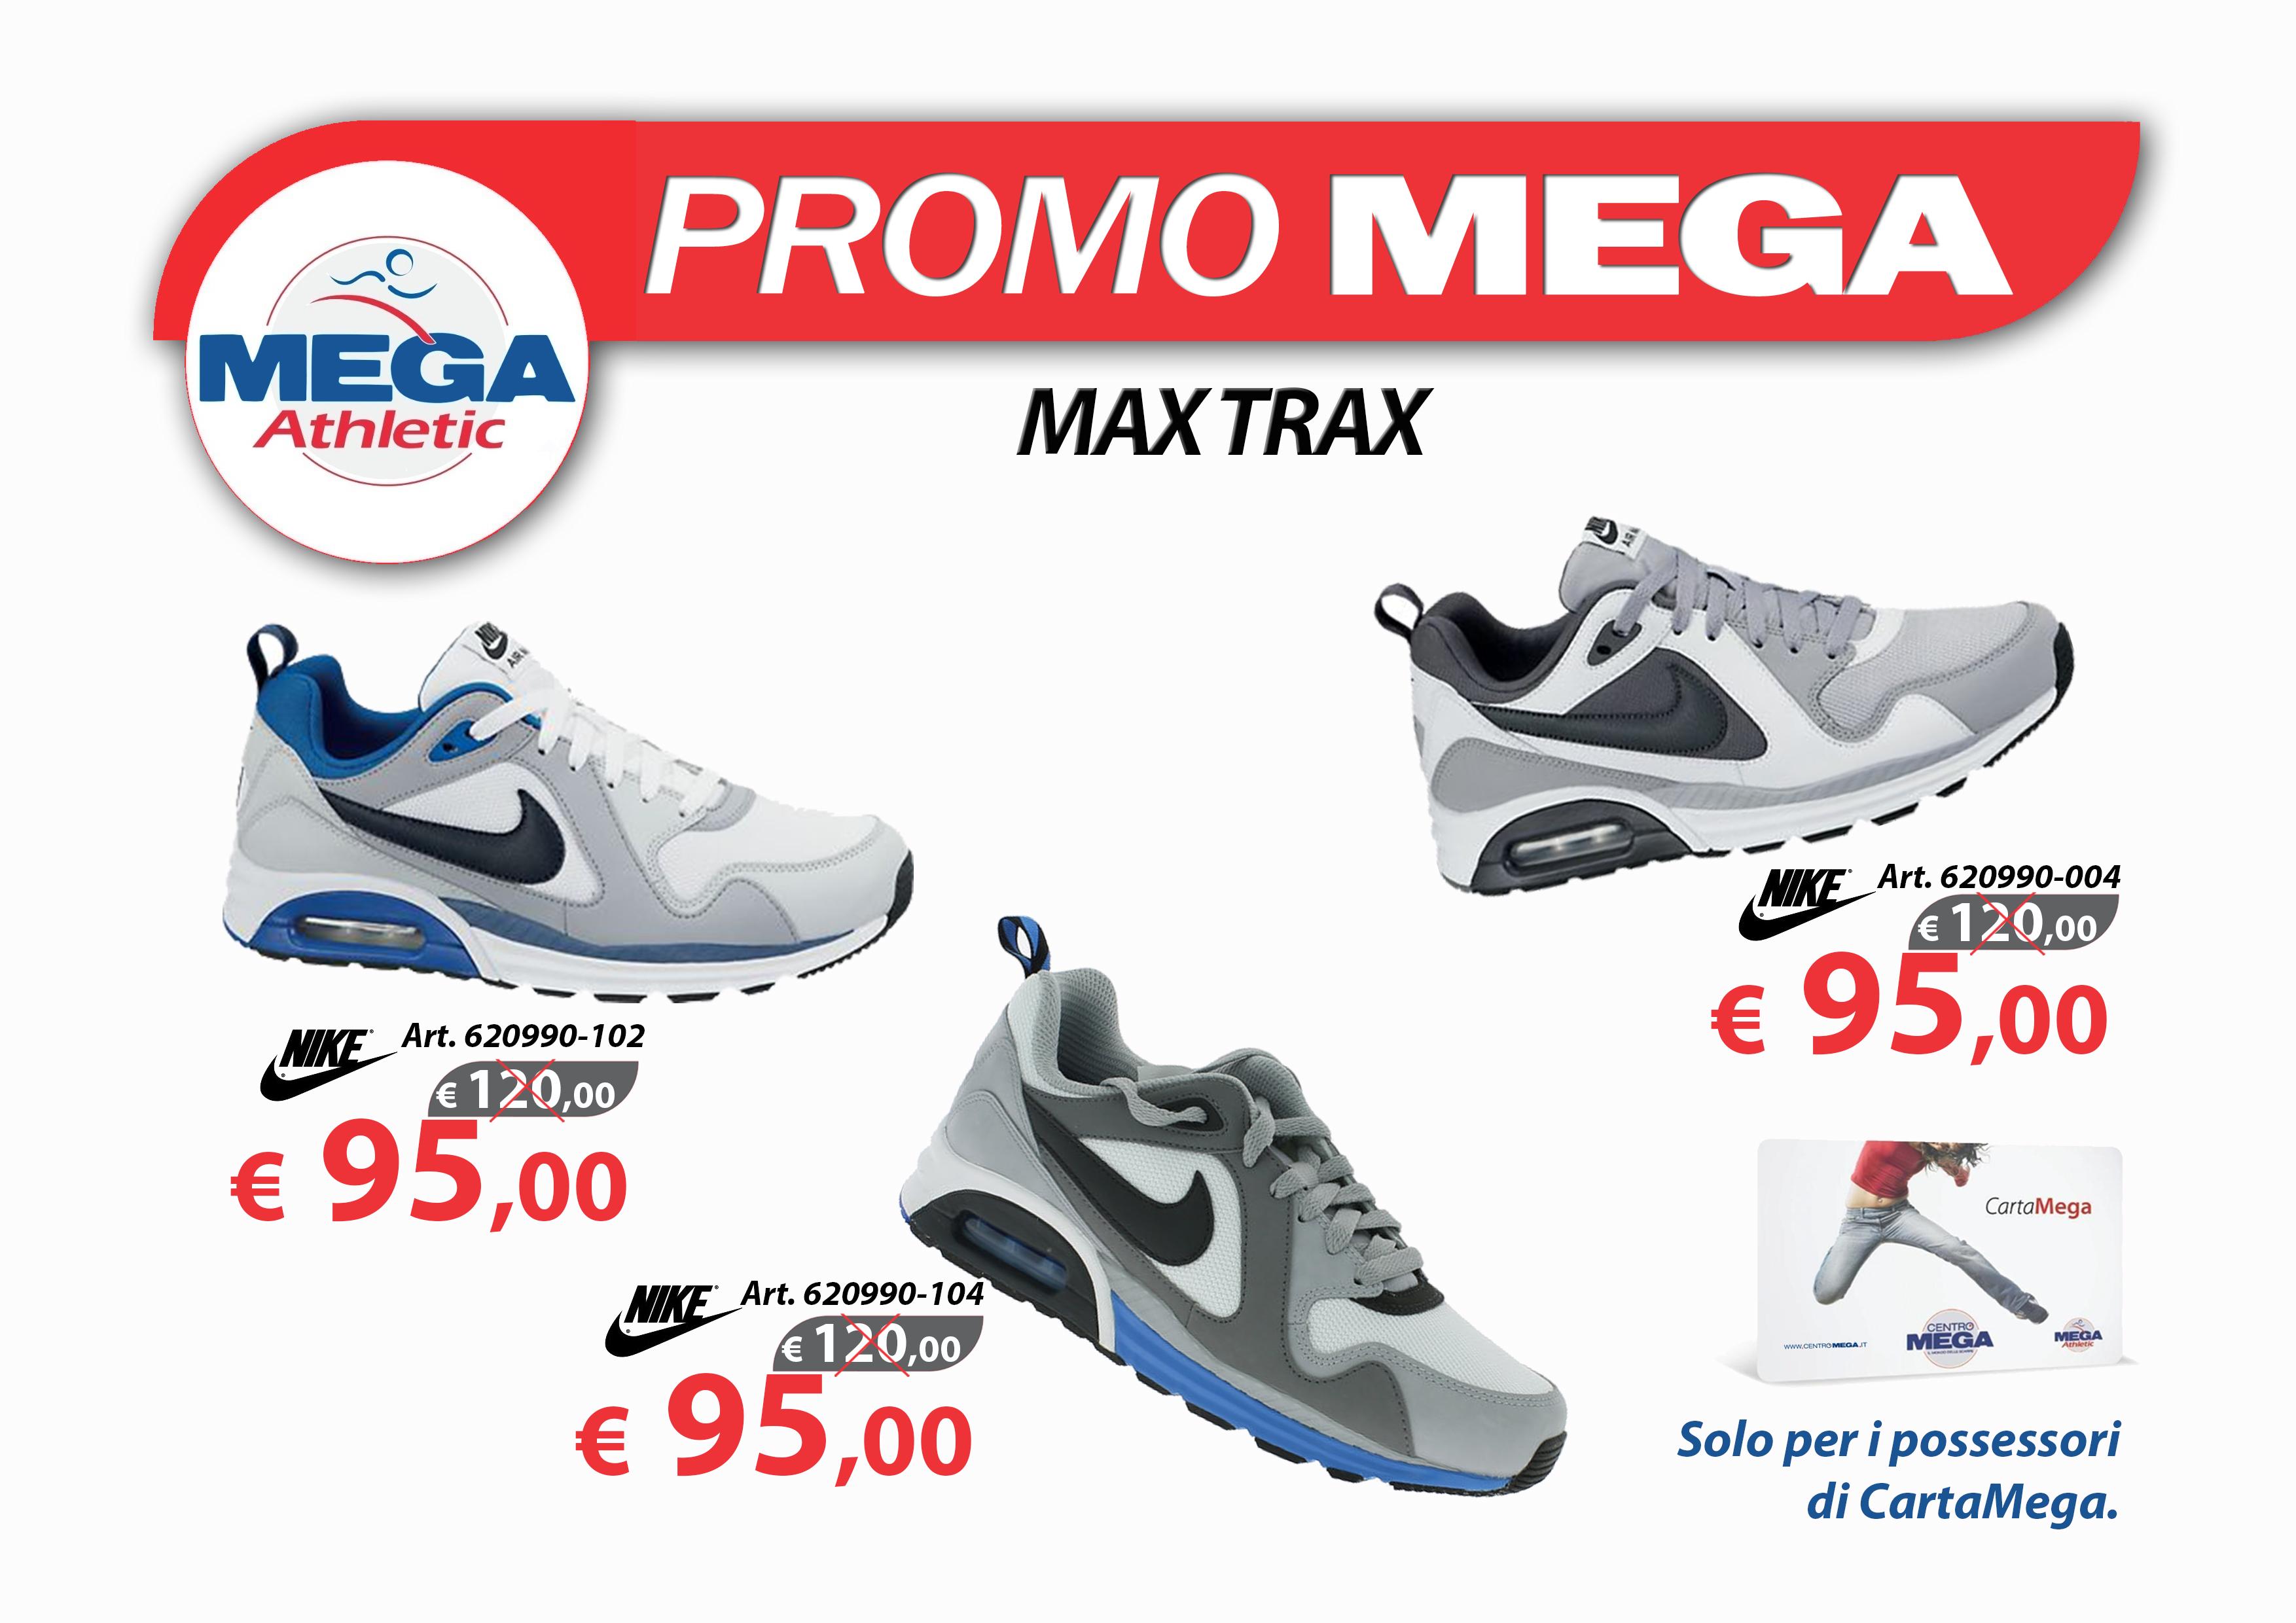 Offerte Carta Mega MAX TRAX